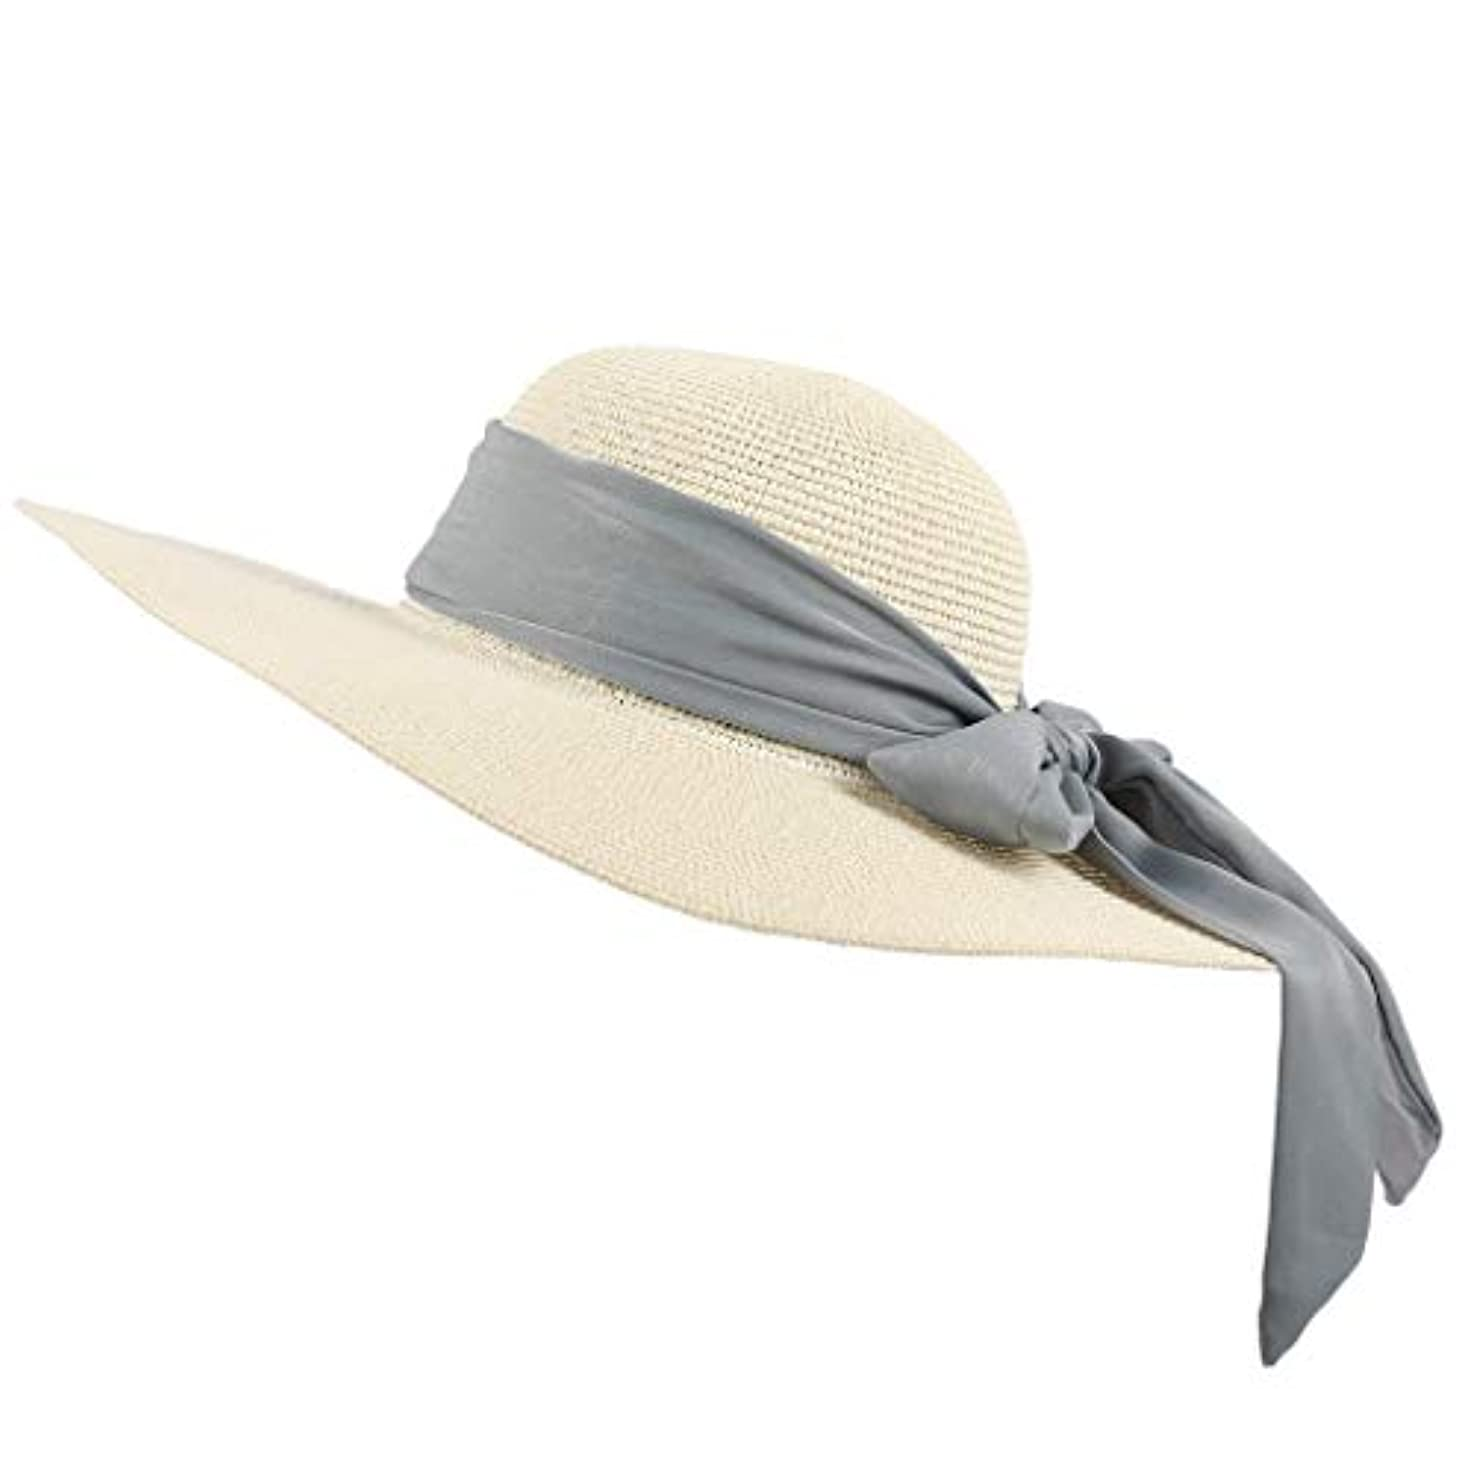 酸文句を言うアレルギー性帽子 レディース ROSE ROMAN UVカット ハット 紫外線対策 可愛い 小顔効果抜群 日よけ つば広 おしゃれ 可愛い 夏季 海 旅行 無地 ビーチ 海辺 ワイルド パーティー ダンスパーティー パーティー シンプル 発送